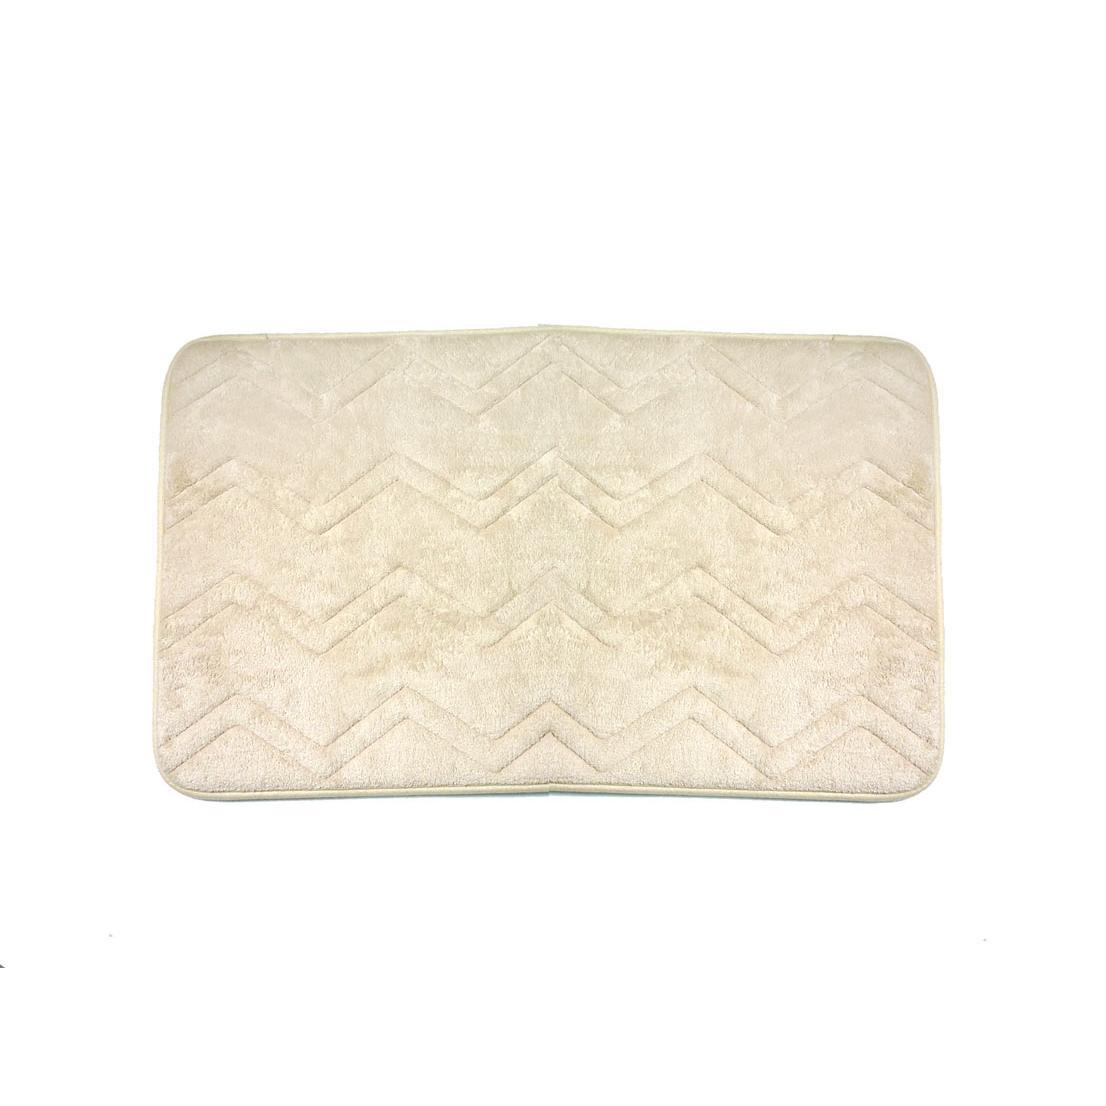 Microfiber Bath Mat | ColonialMedical.com